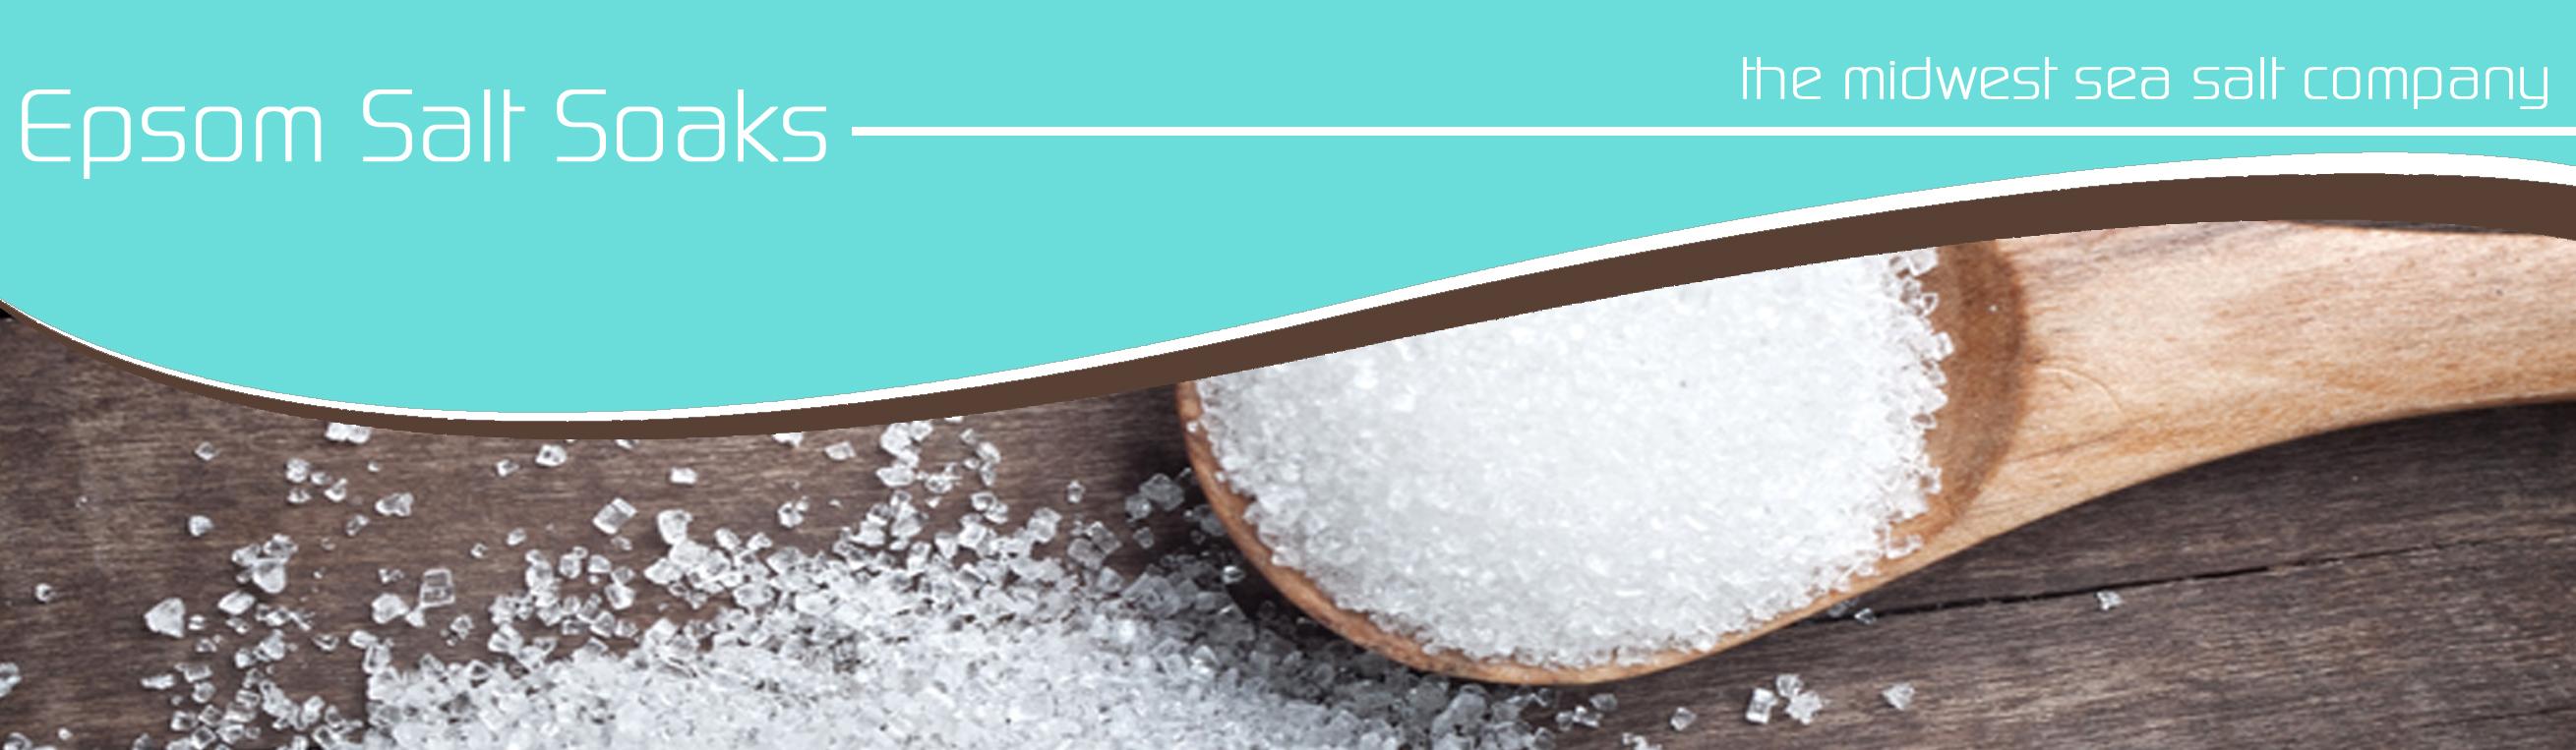 epsom-salt-soaks-midwest-sea-salt.jpg